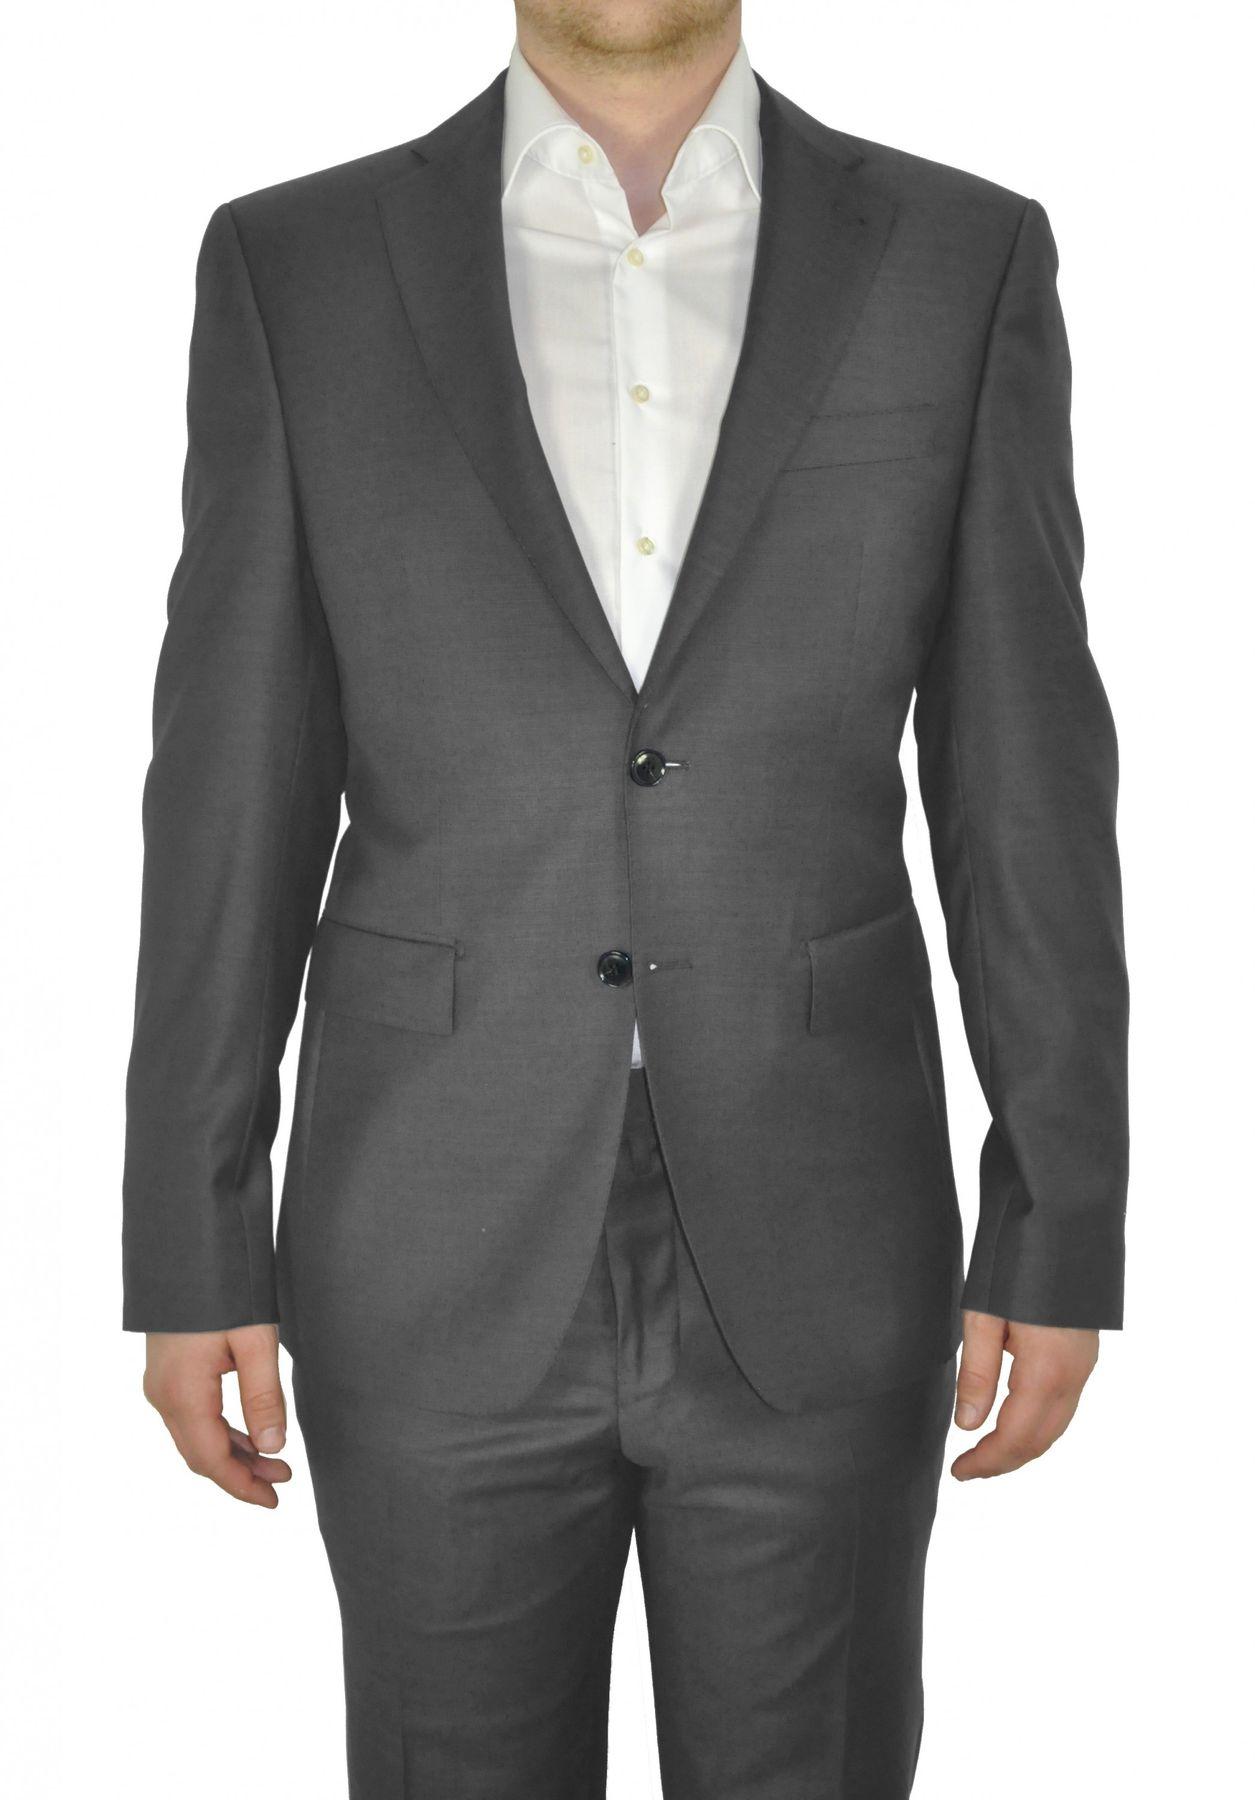 Barutti - Tailored Fit - Herren Sakko aus reiner Super 120'S Schurwolle, Meliert, 900 8005 (Tarso AMF) – Bild 5